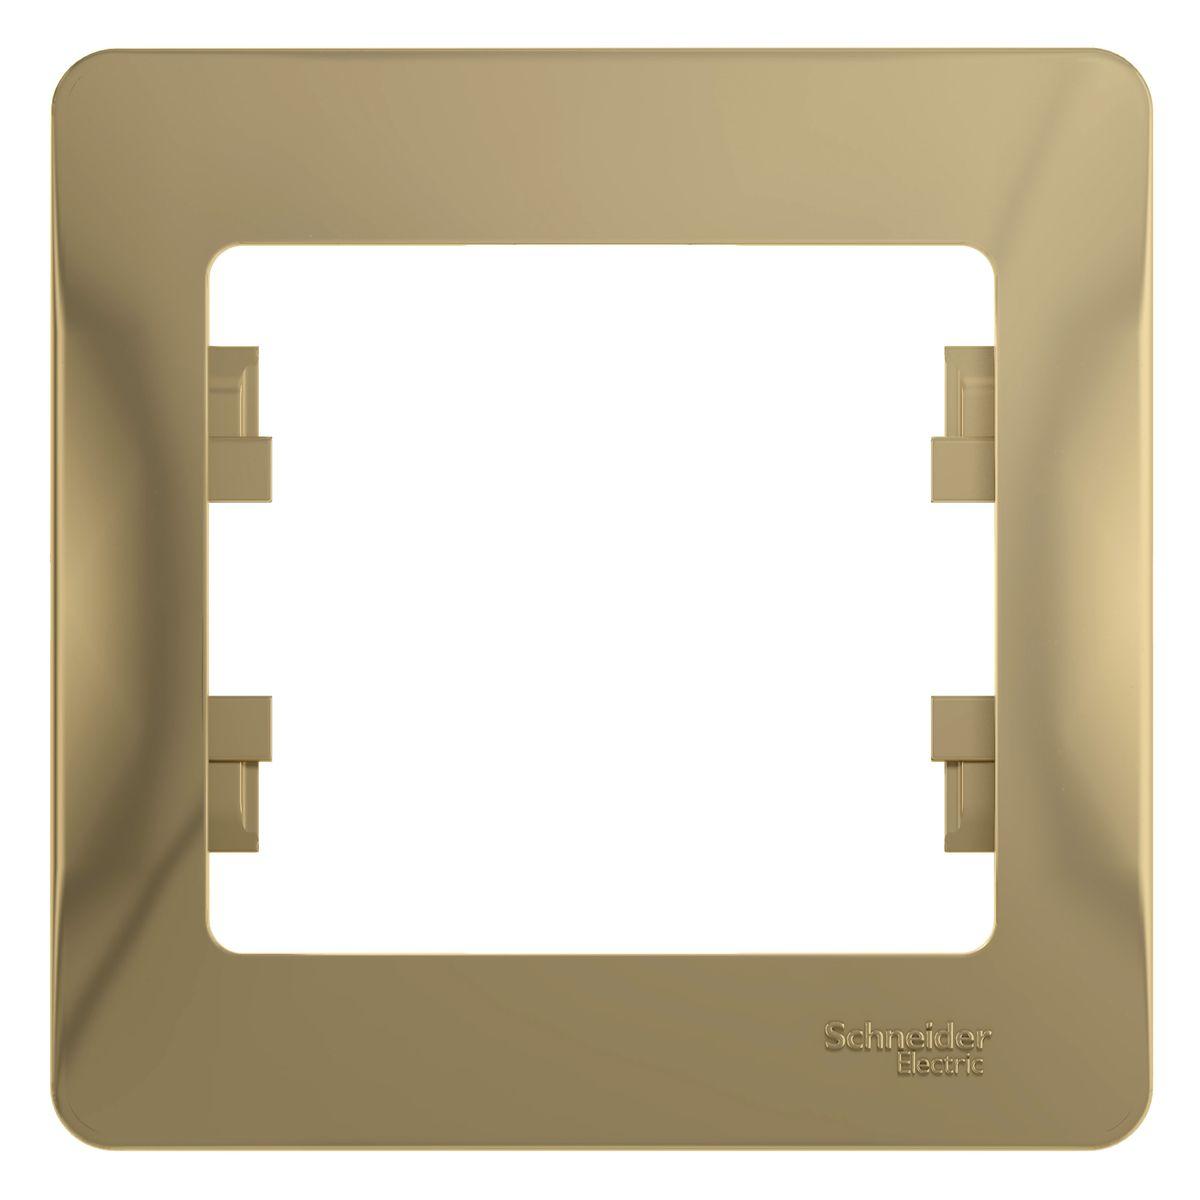 Рамка для встраиваемой розетки Schneider Electric Glossa, на 1 пост, цвет: титановыйGSL000401Рамка Schneider Electric Glossa выполнена из пластика и используется для окантовки встраиваемой розетки. Рамка отвечает основным требованиям безопасности и удобства монтажа. Современный дизайн и элегантная цветовая гамма подойдут к любому интерьеру. Размер рамки: 8,5 х 8,5 х 1 см.